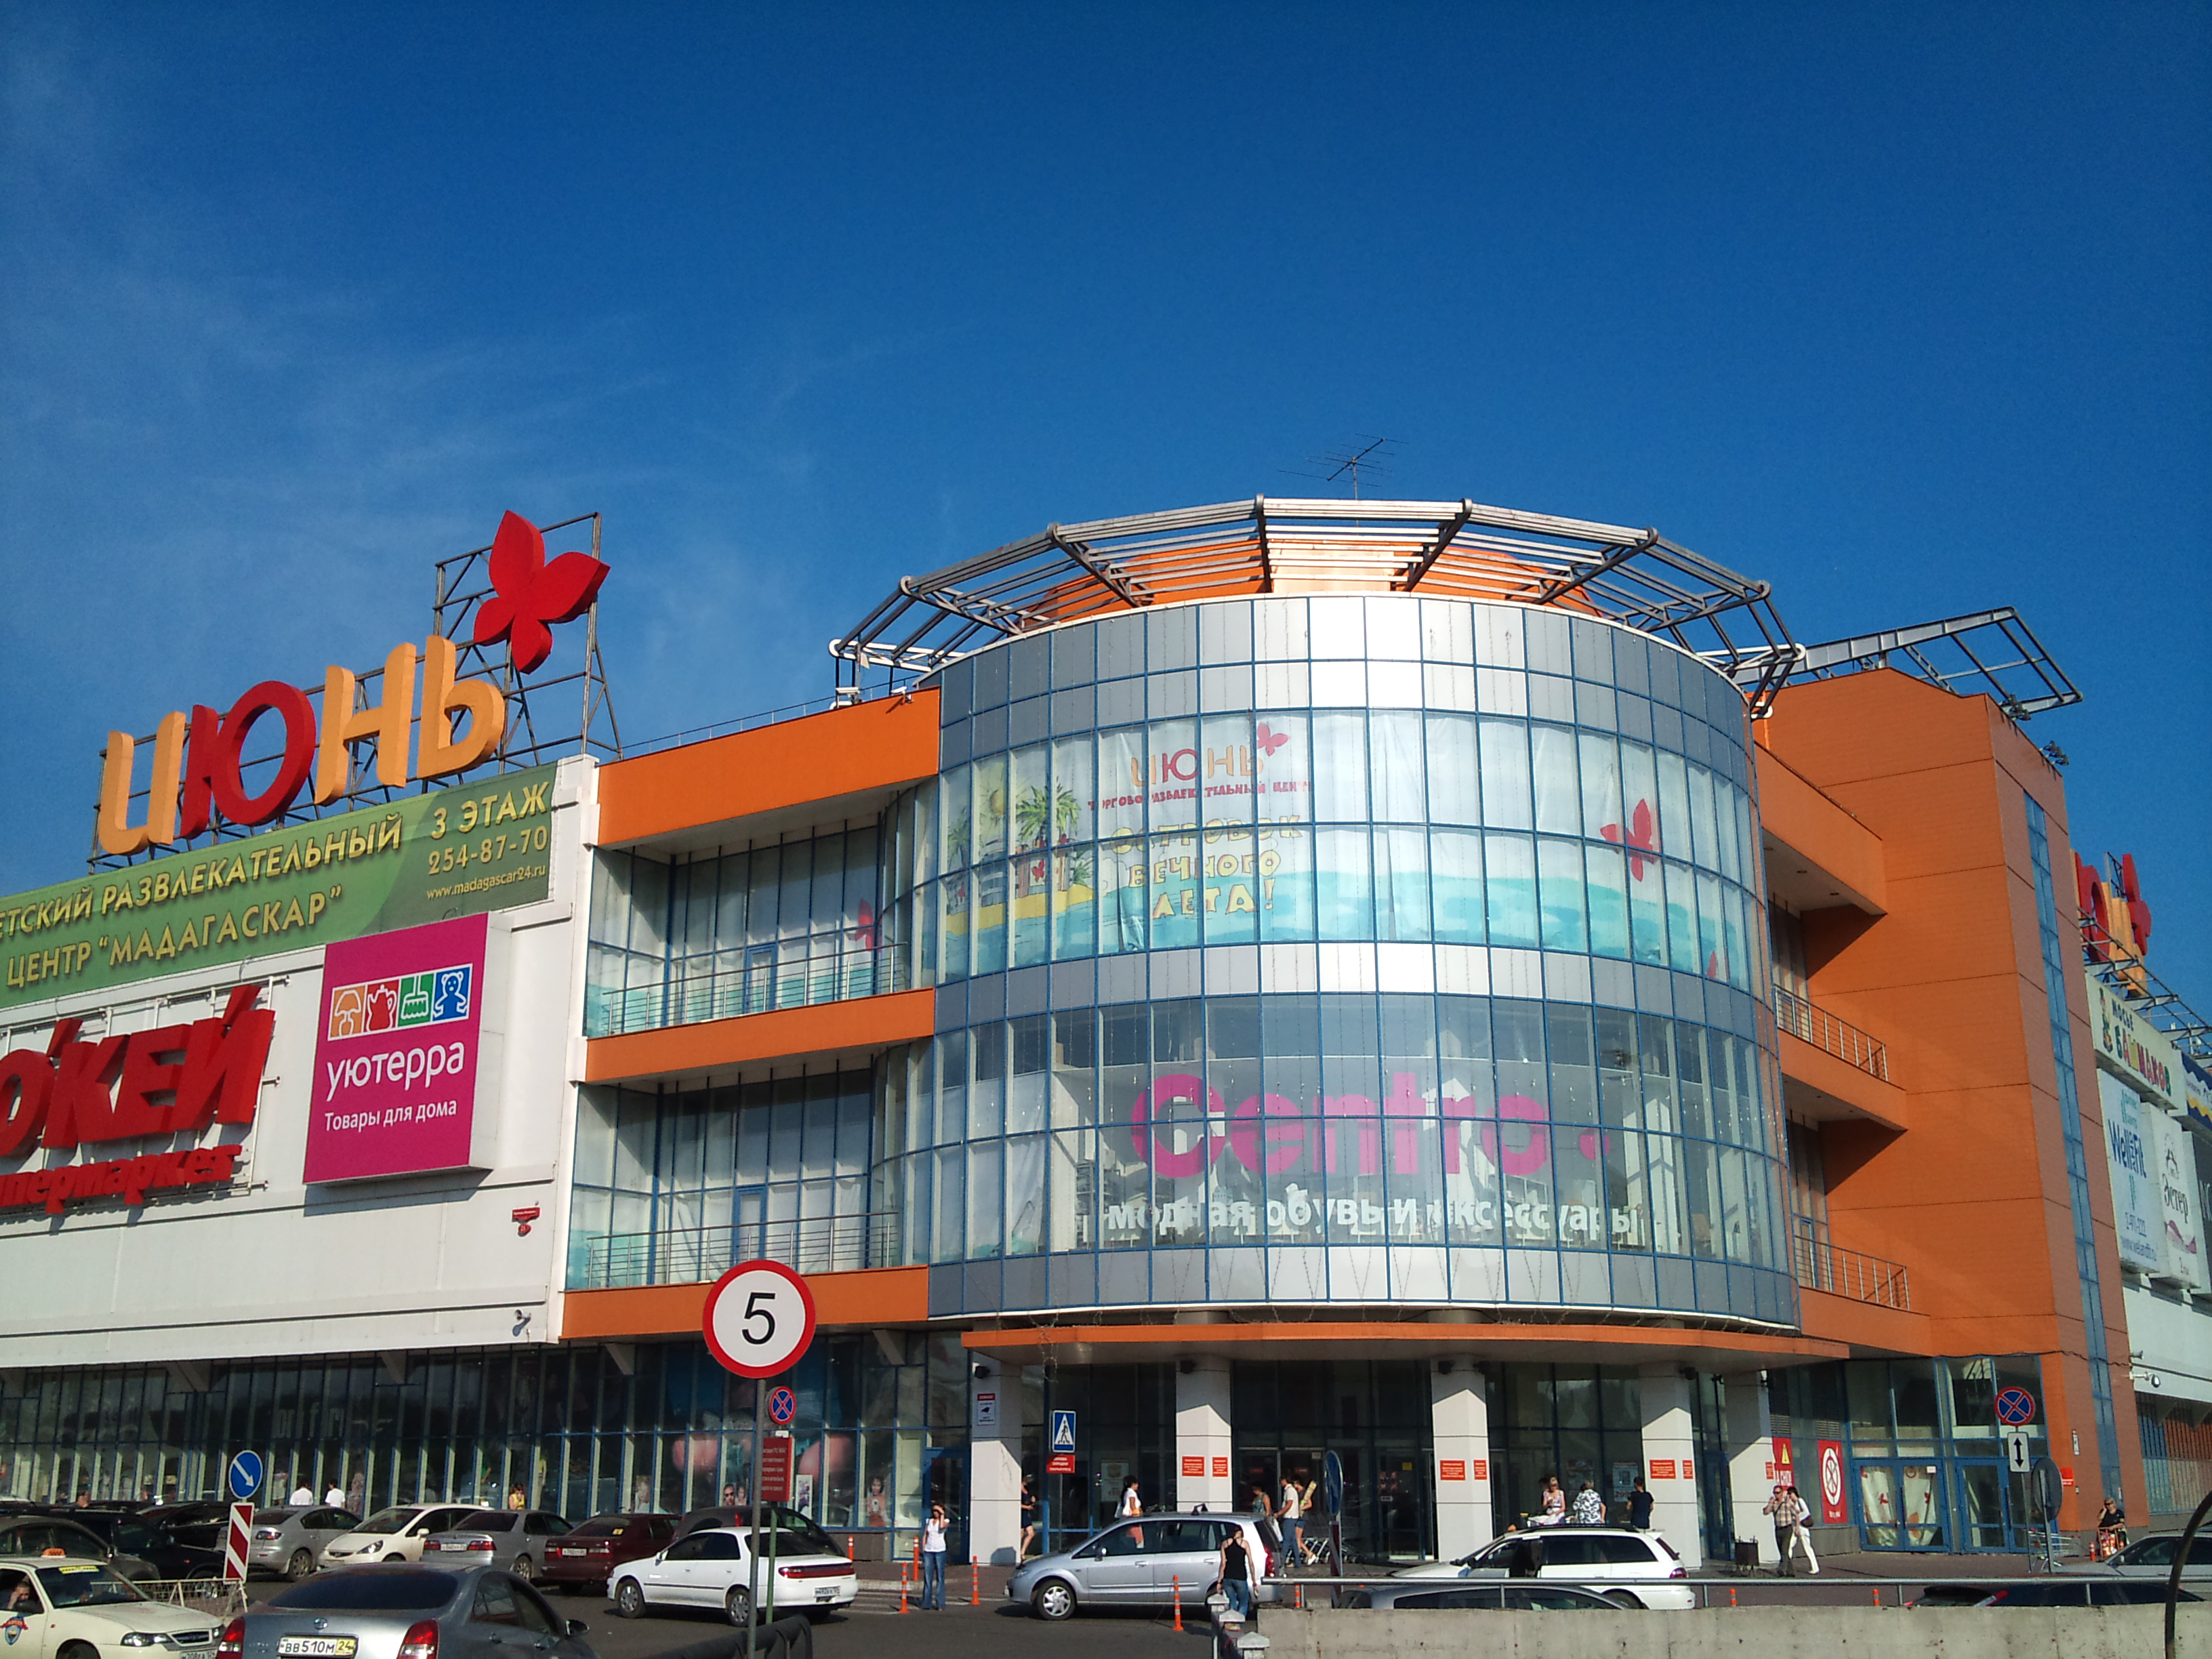 Красноярск ТРЦ Июнь. 22.06.2012 года